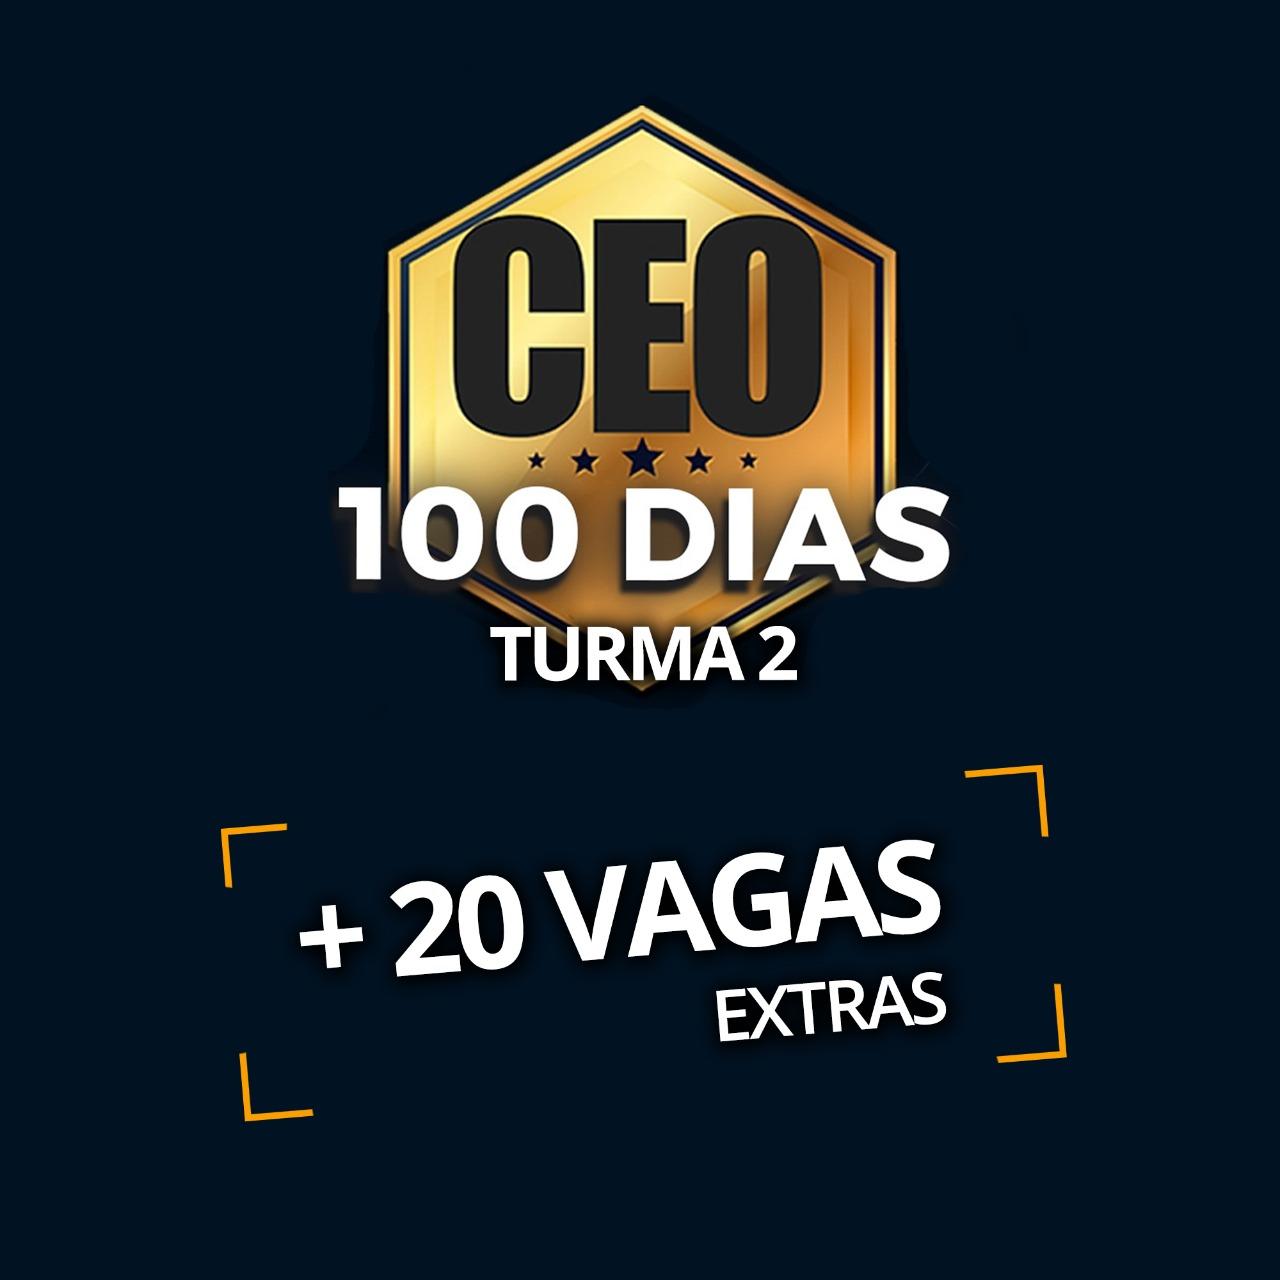 CEO 100 DIAS TURMA 2 - OAB 1ª FASE XXXIII